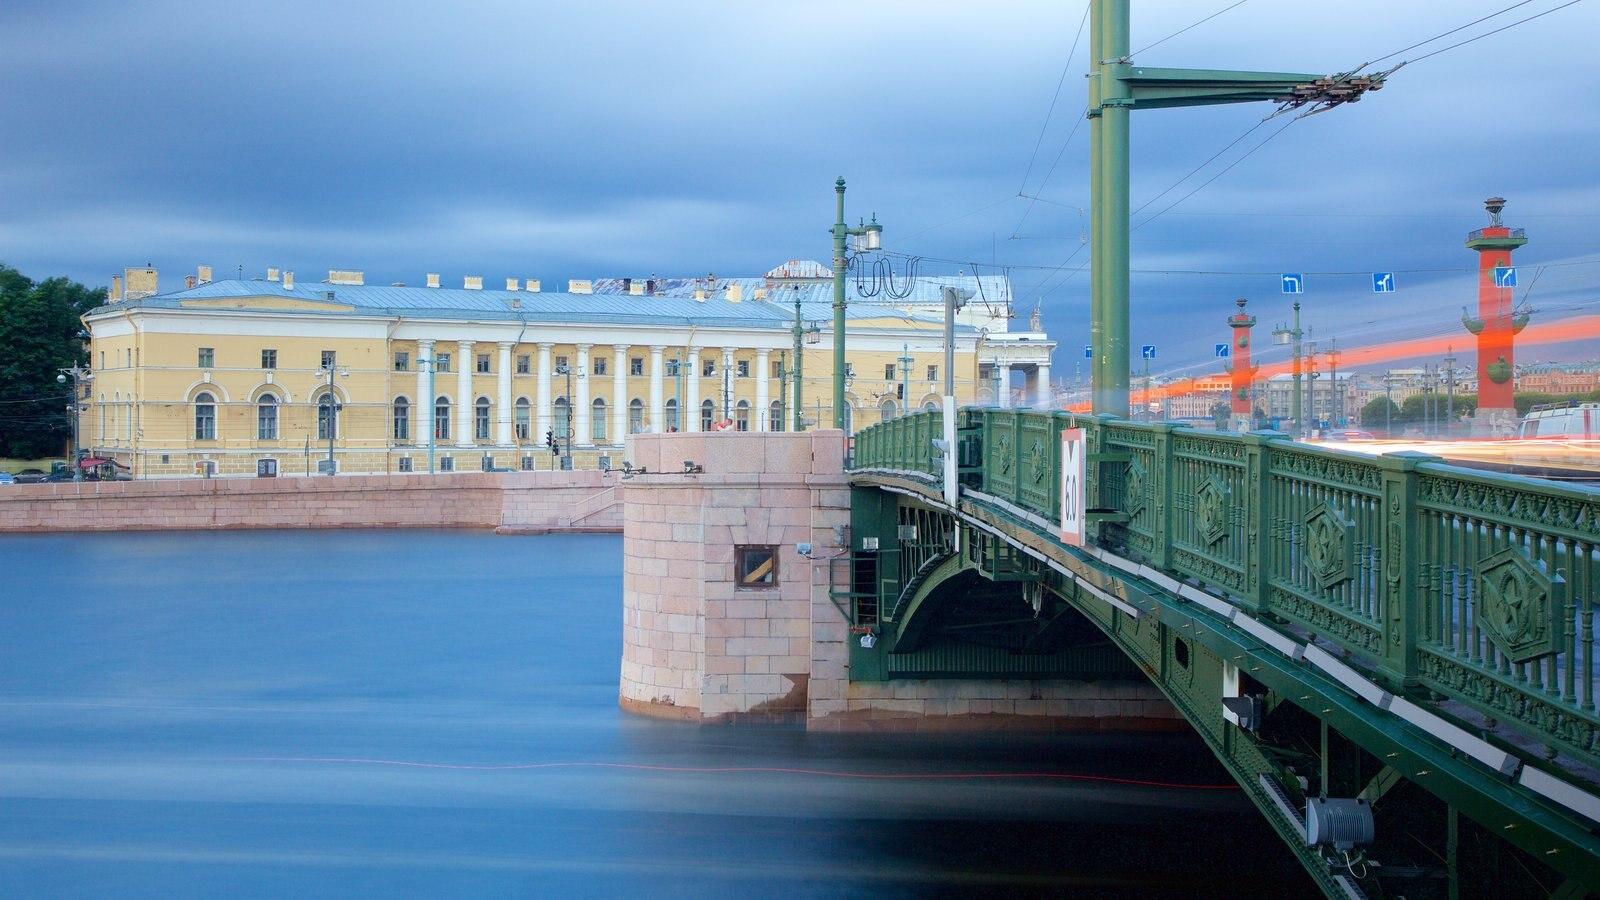 Strelka mostrando arquitetura de patrimônio, um rio ou córrego e uma ponte